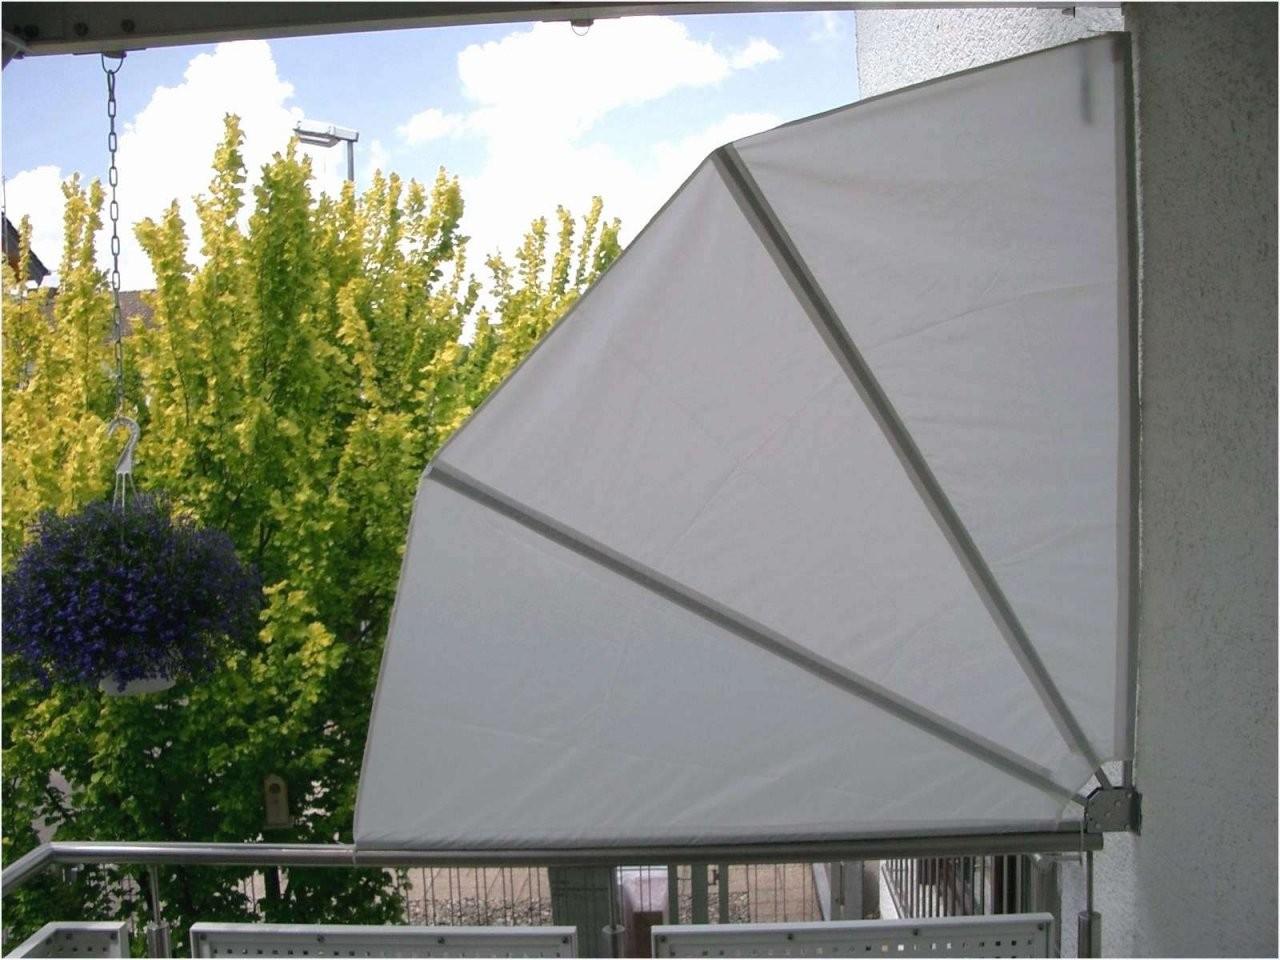 42 Das Beste Von Windschutz Balkon Ohne Bohren Galerie  Komplette von Windschutz Für Balkon Ohne Bohren Photo